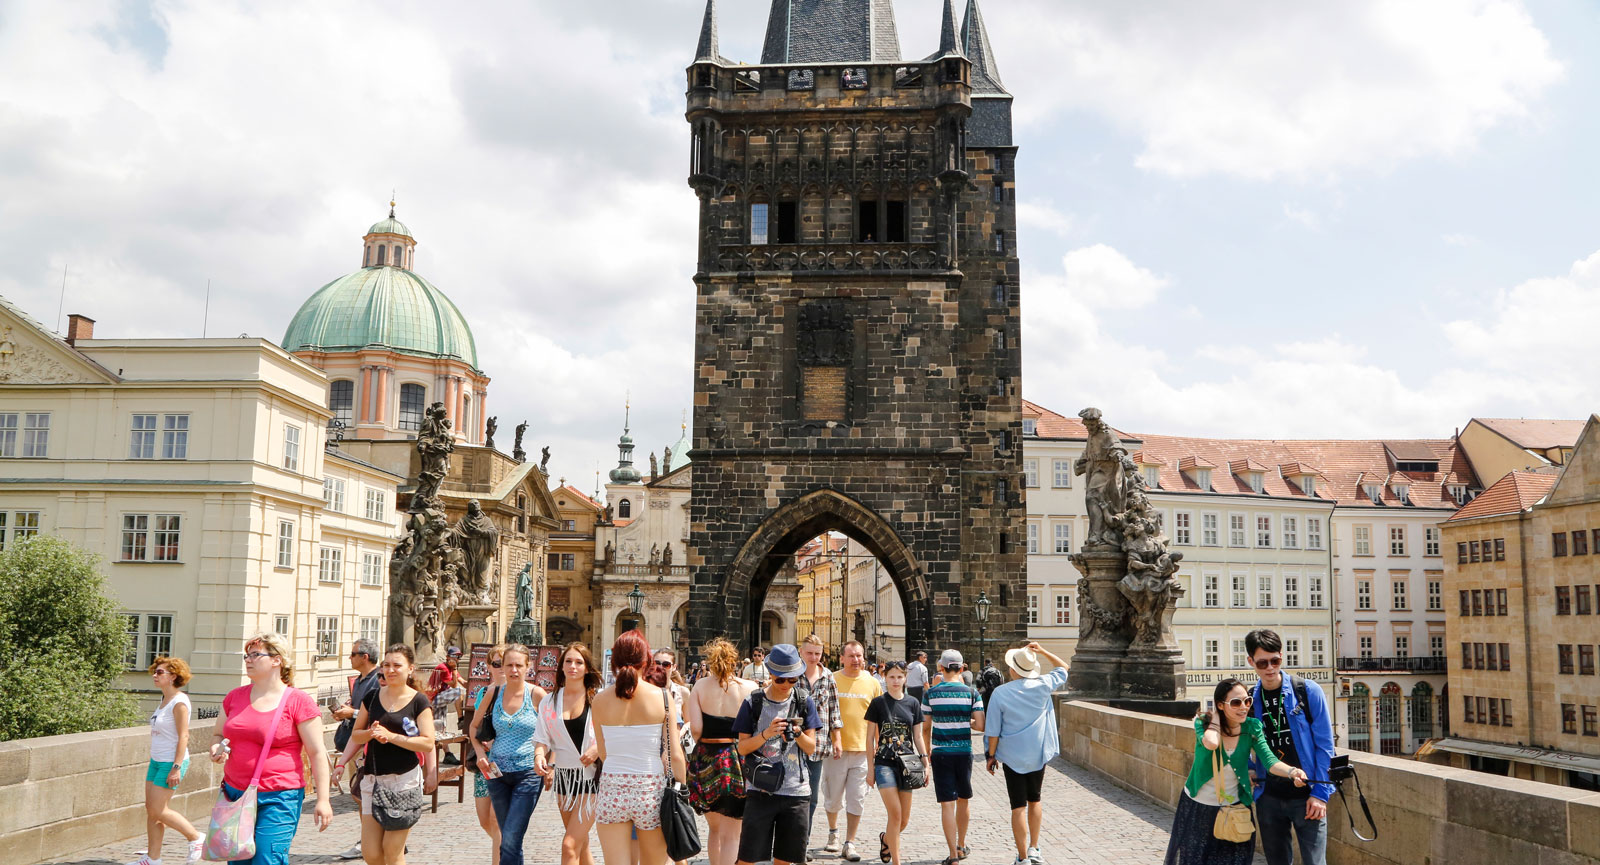 Mest kända turistmålet i Prag är tveklöst Karlsbron som kan rekommenderas. Särskilt kvällstid.